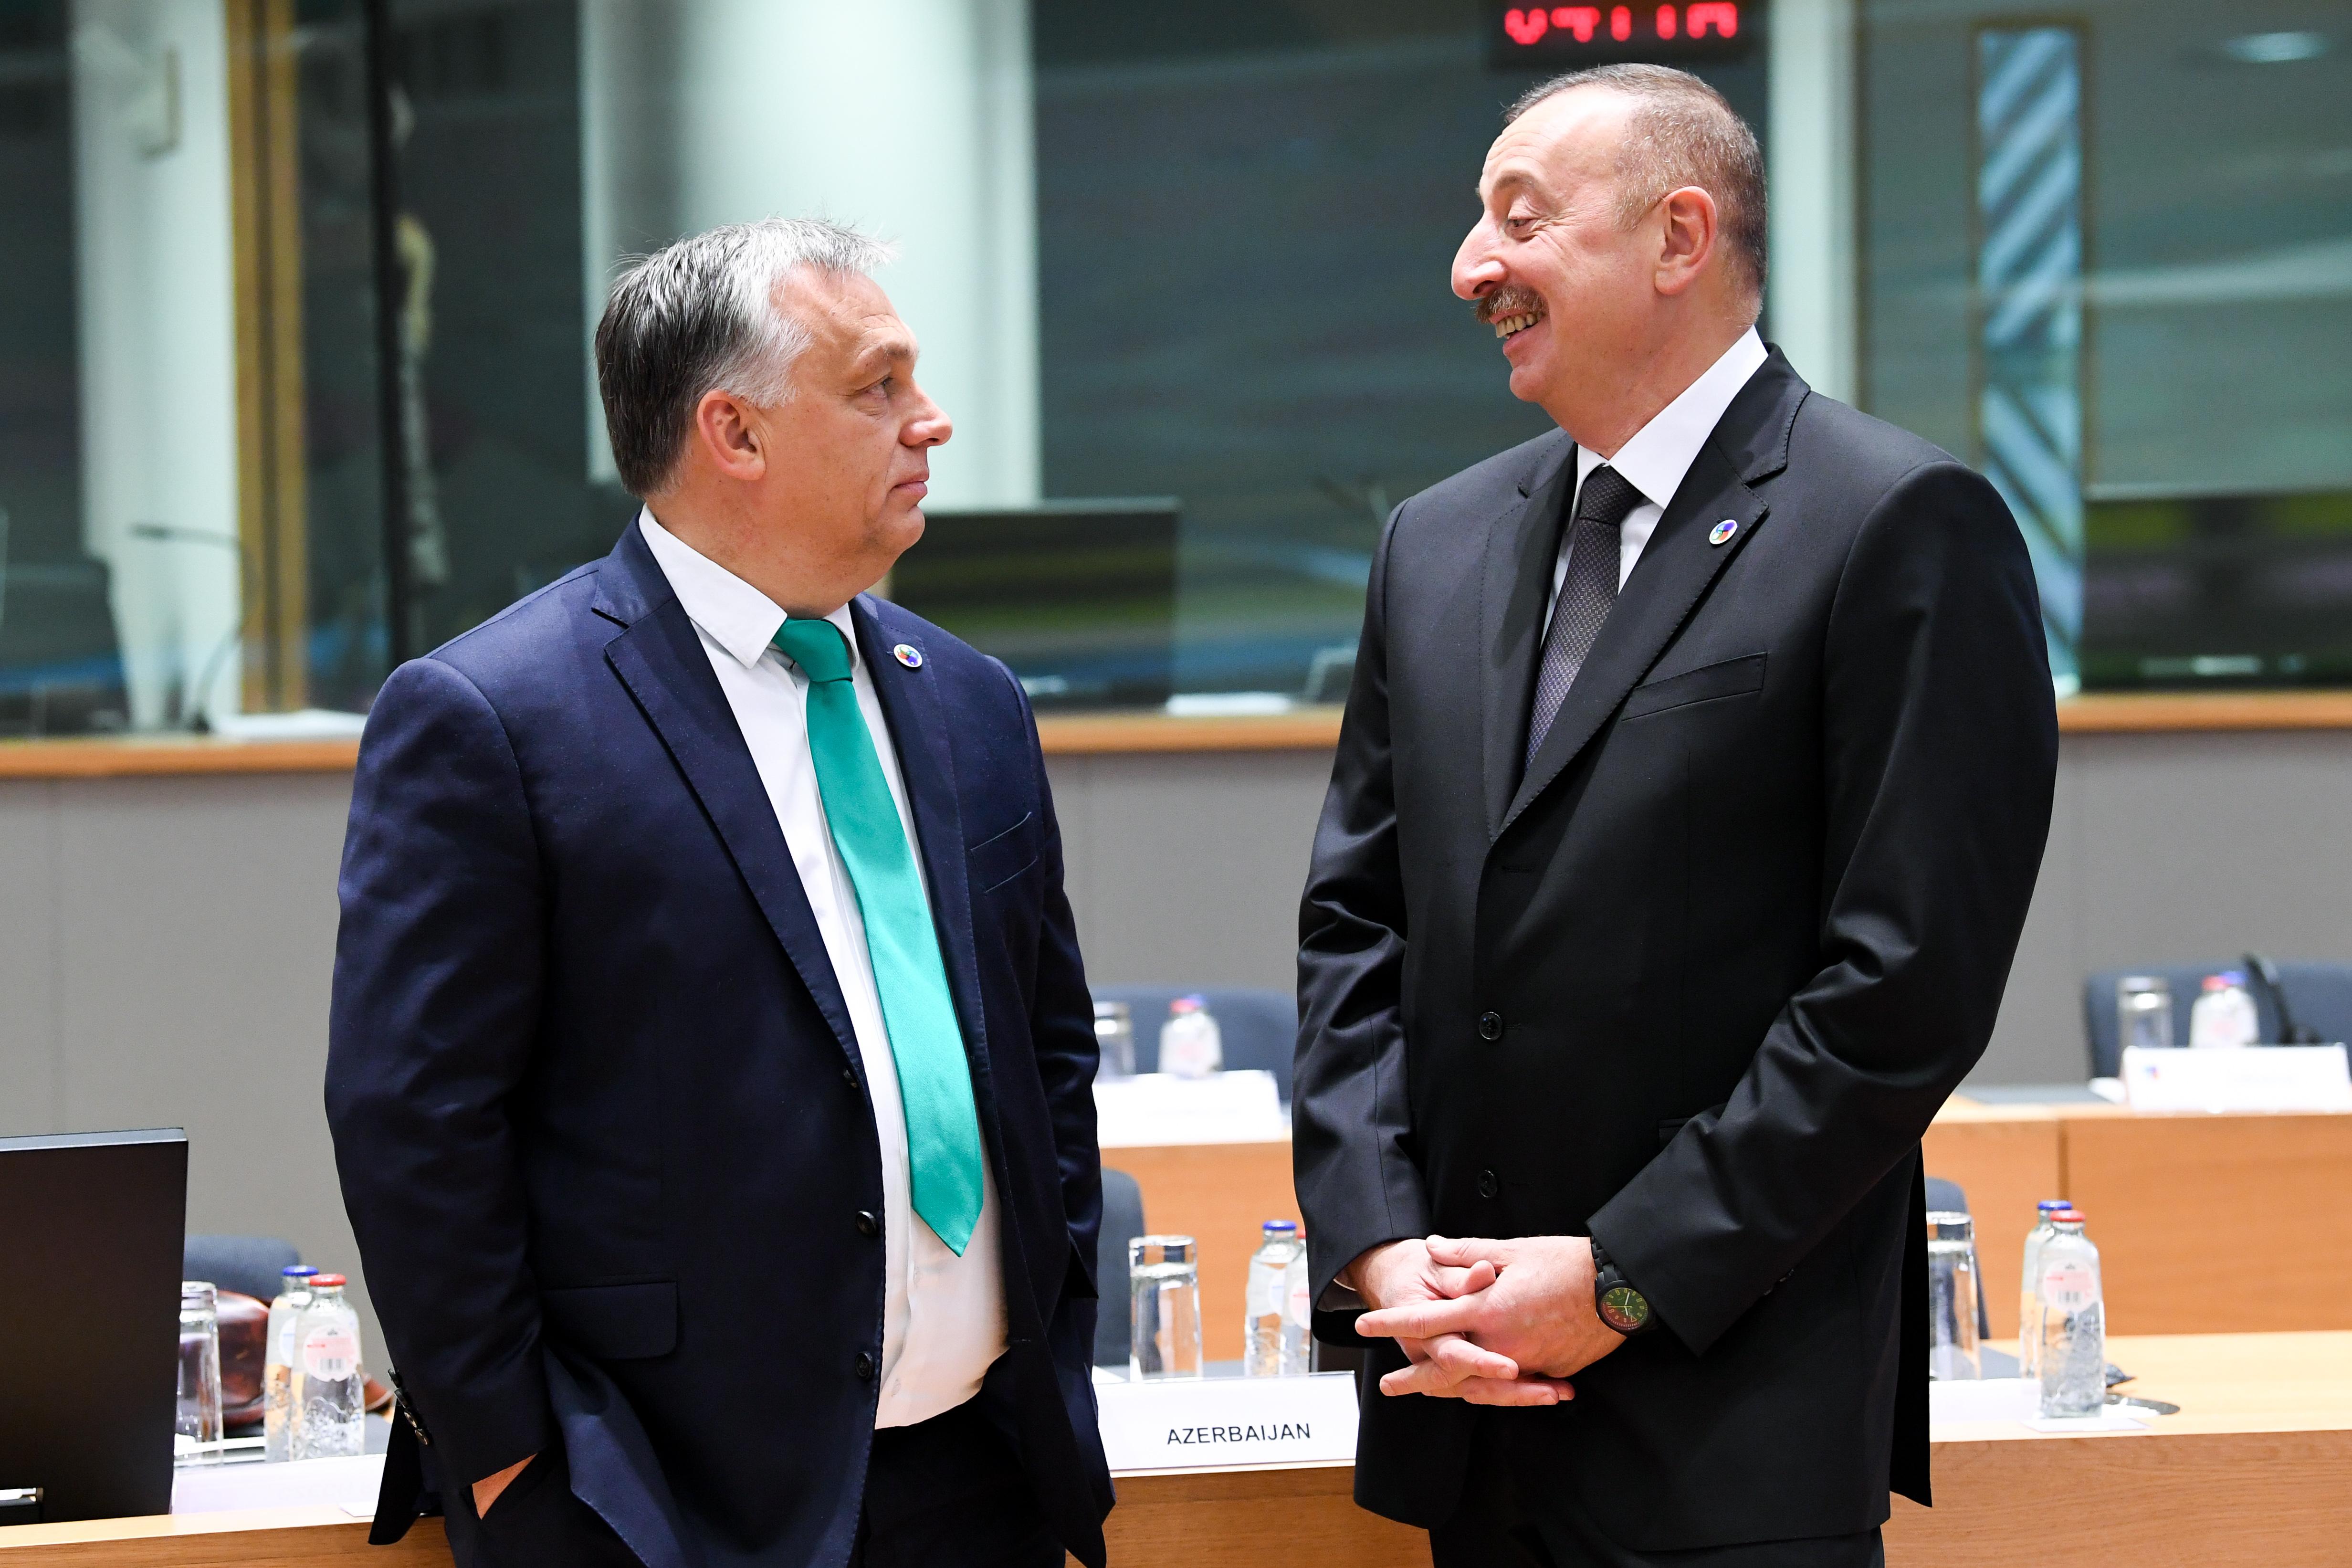 A Fidesz pártalapítványa 10 milliókat fizetett másolt tanulmányokért egy belga politikusnak, aki vastagon benne van az azeri kenőpénzbotrányban